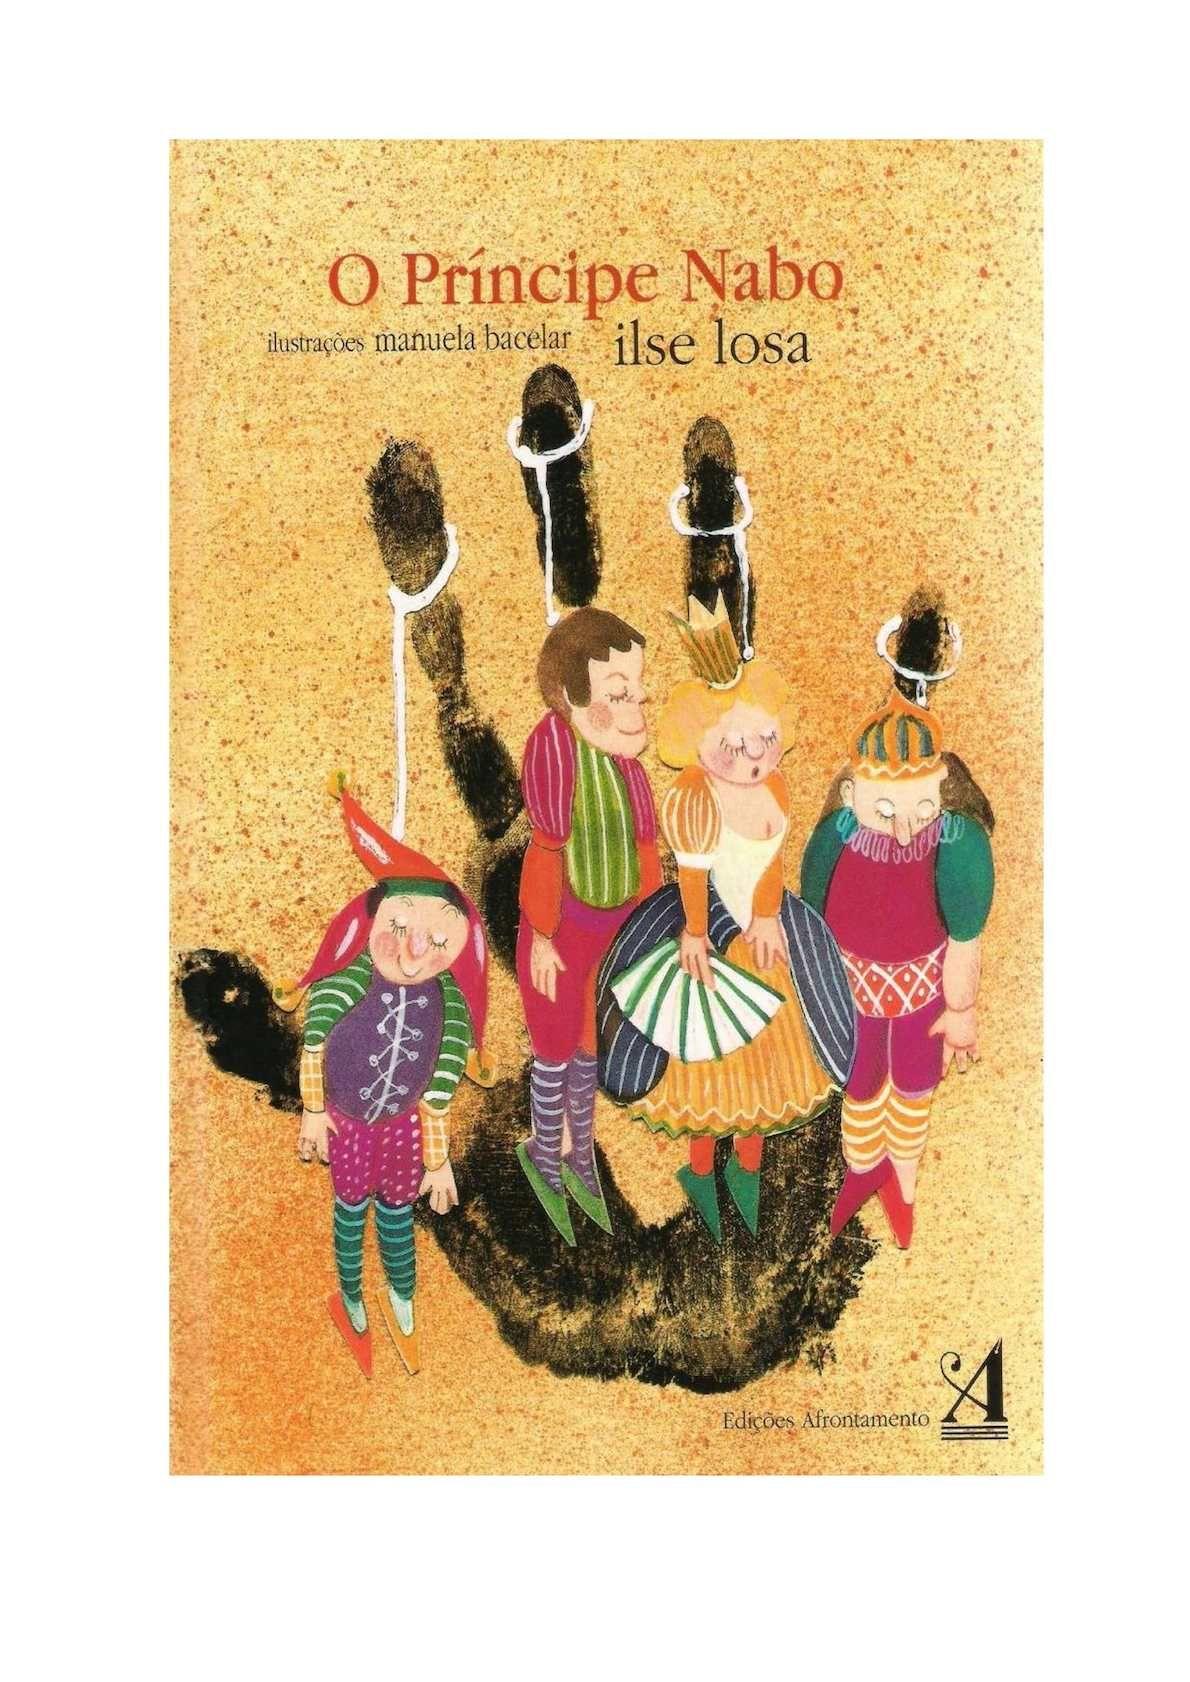 Download As Pdf O Principe Nabo Ilse Losa Livros De